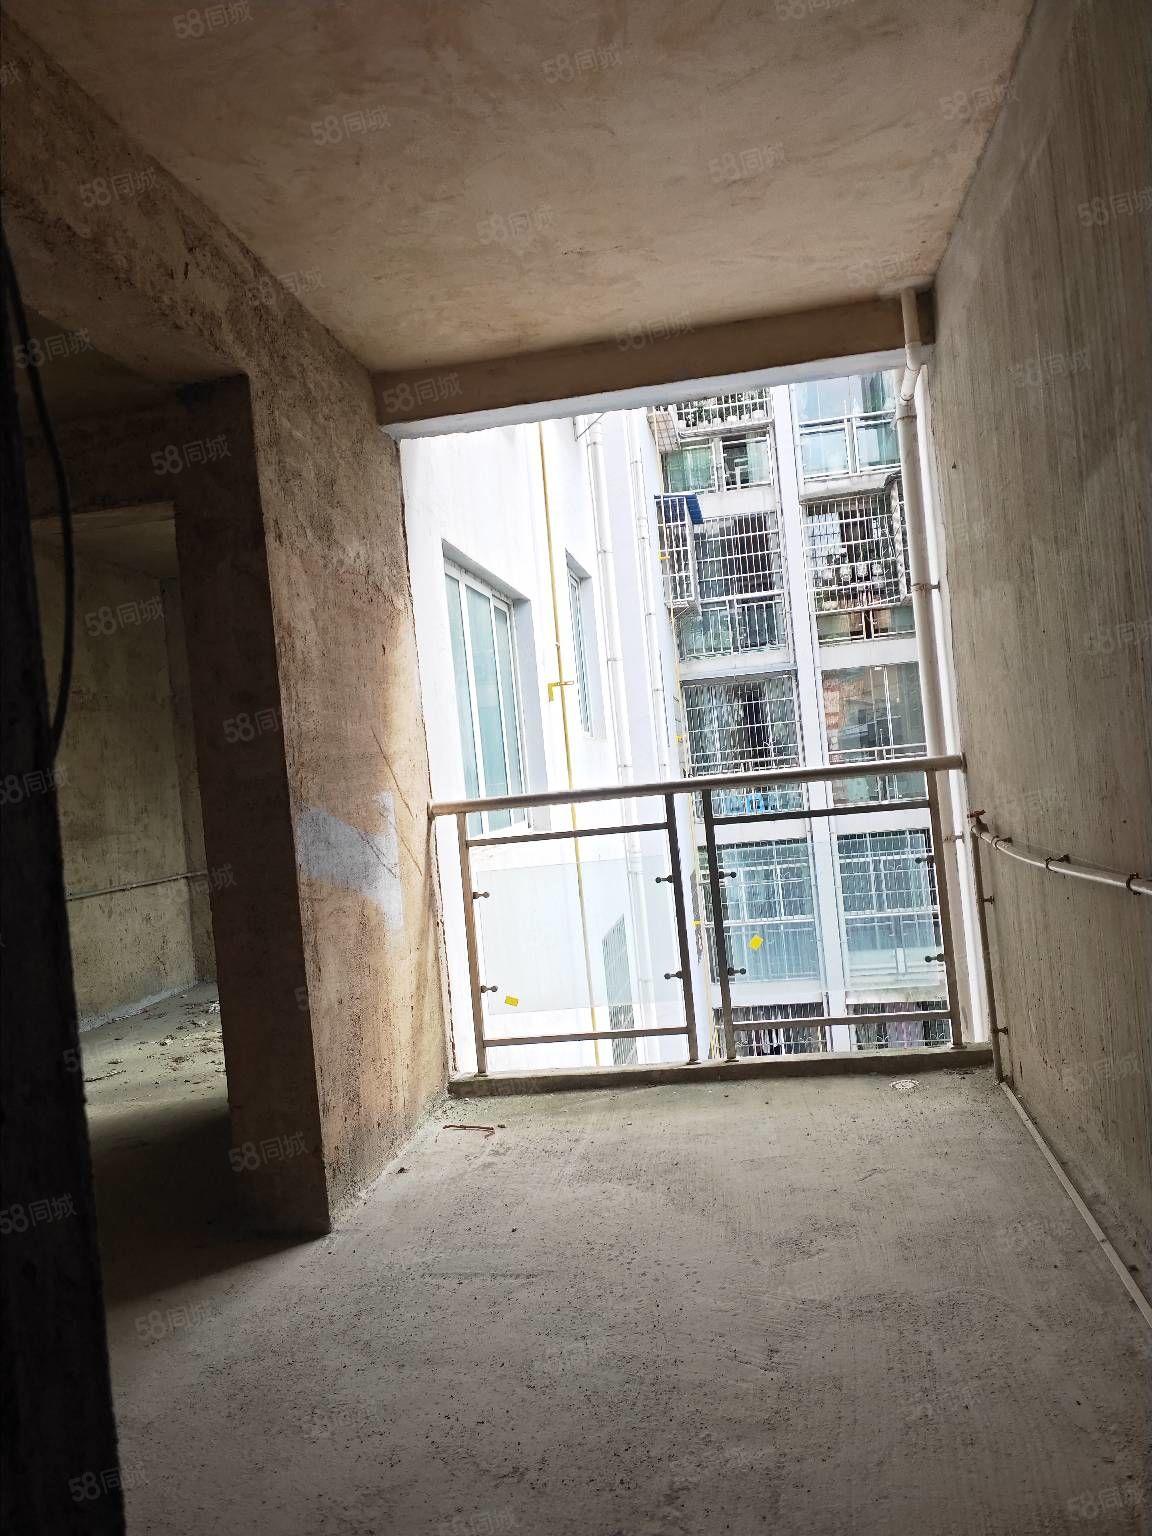 出售锦绣花园步梯四楼毛坯130平,3室2厅2卫,售价50万